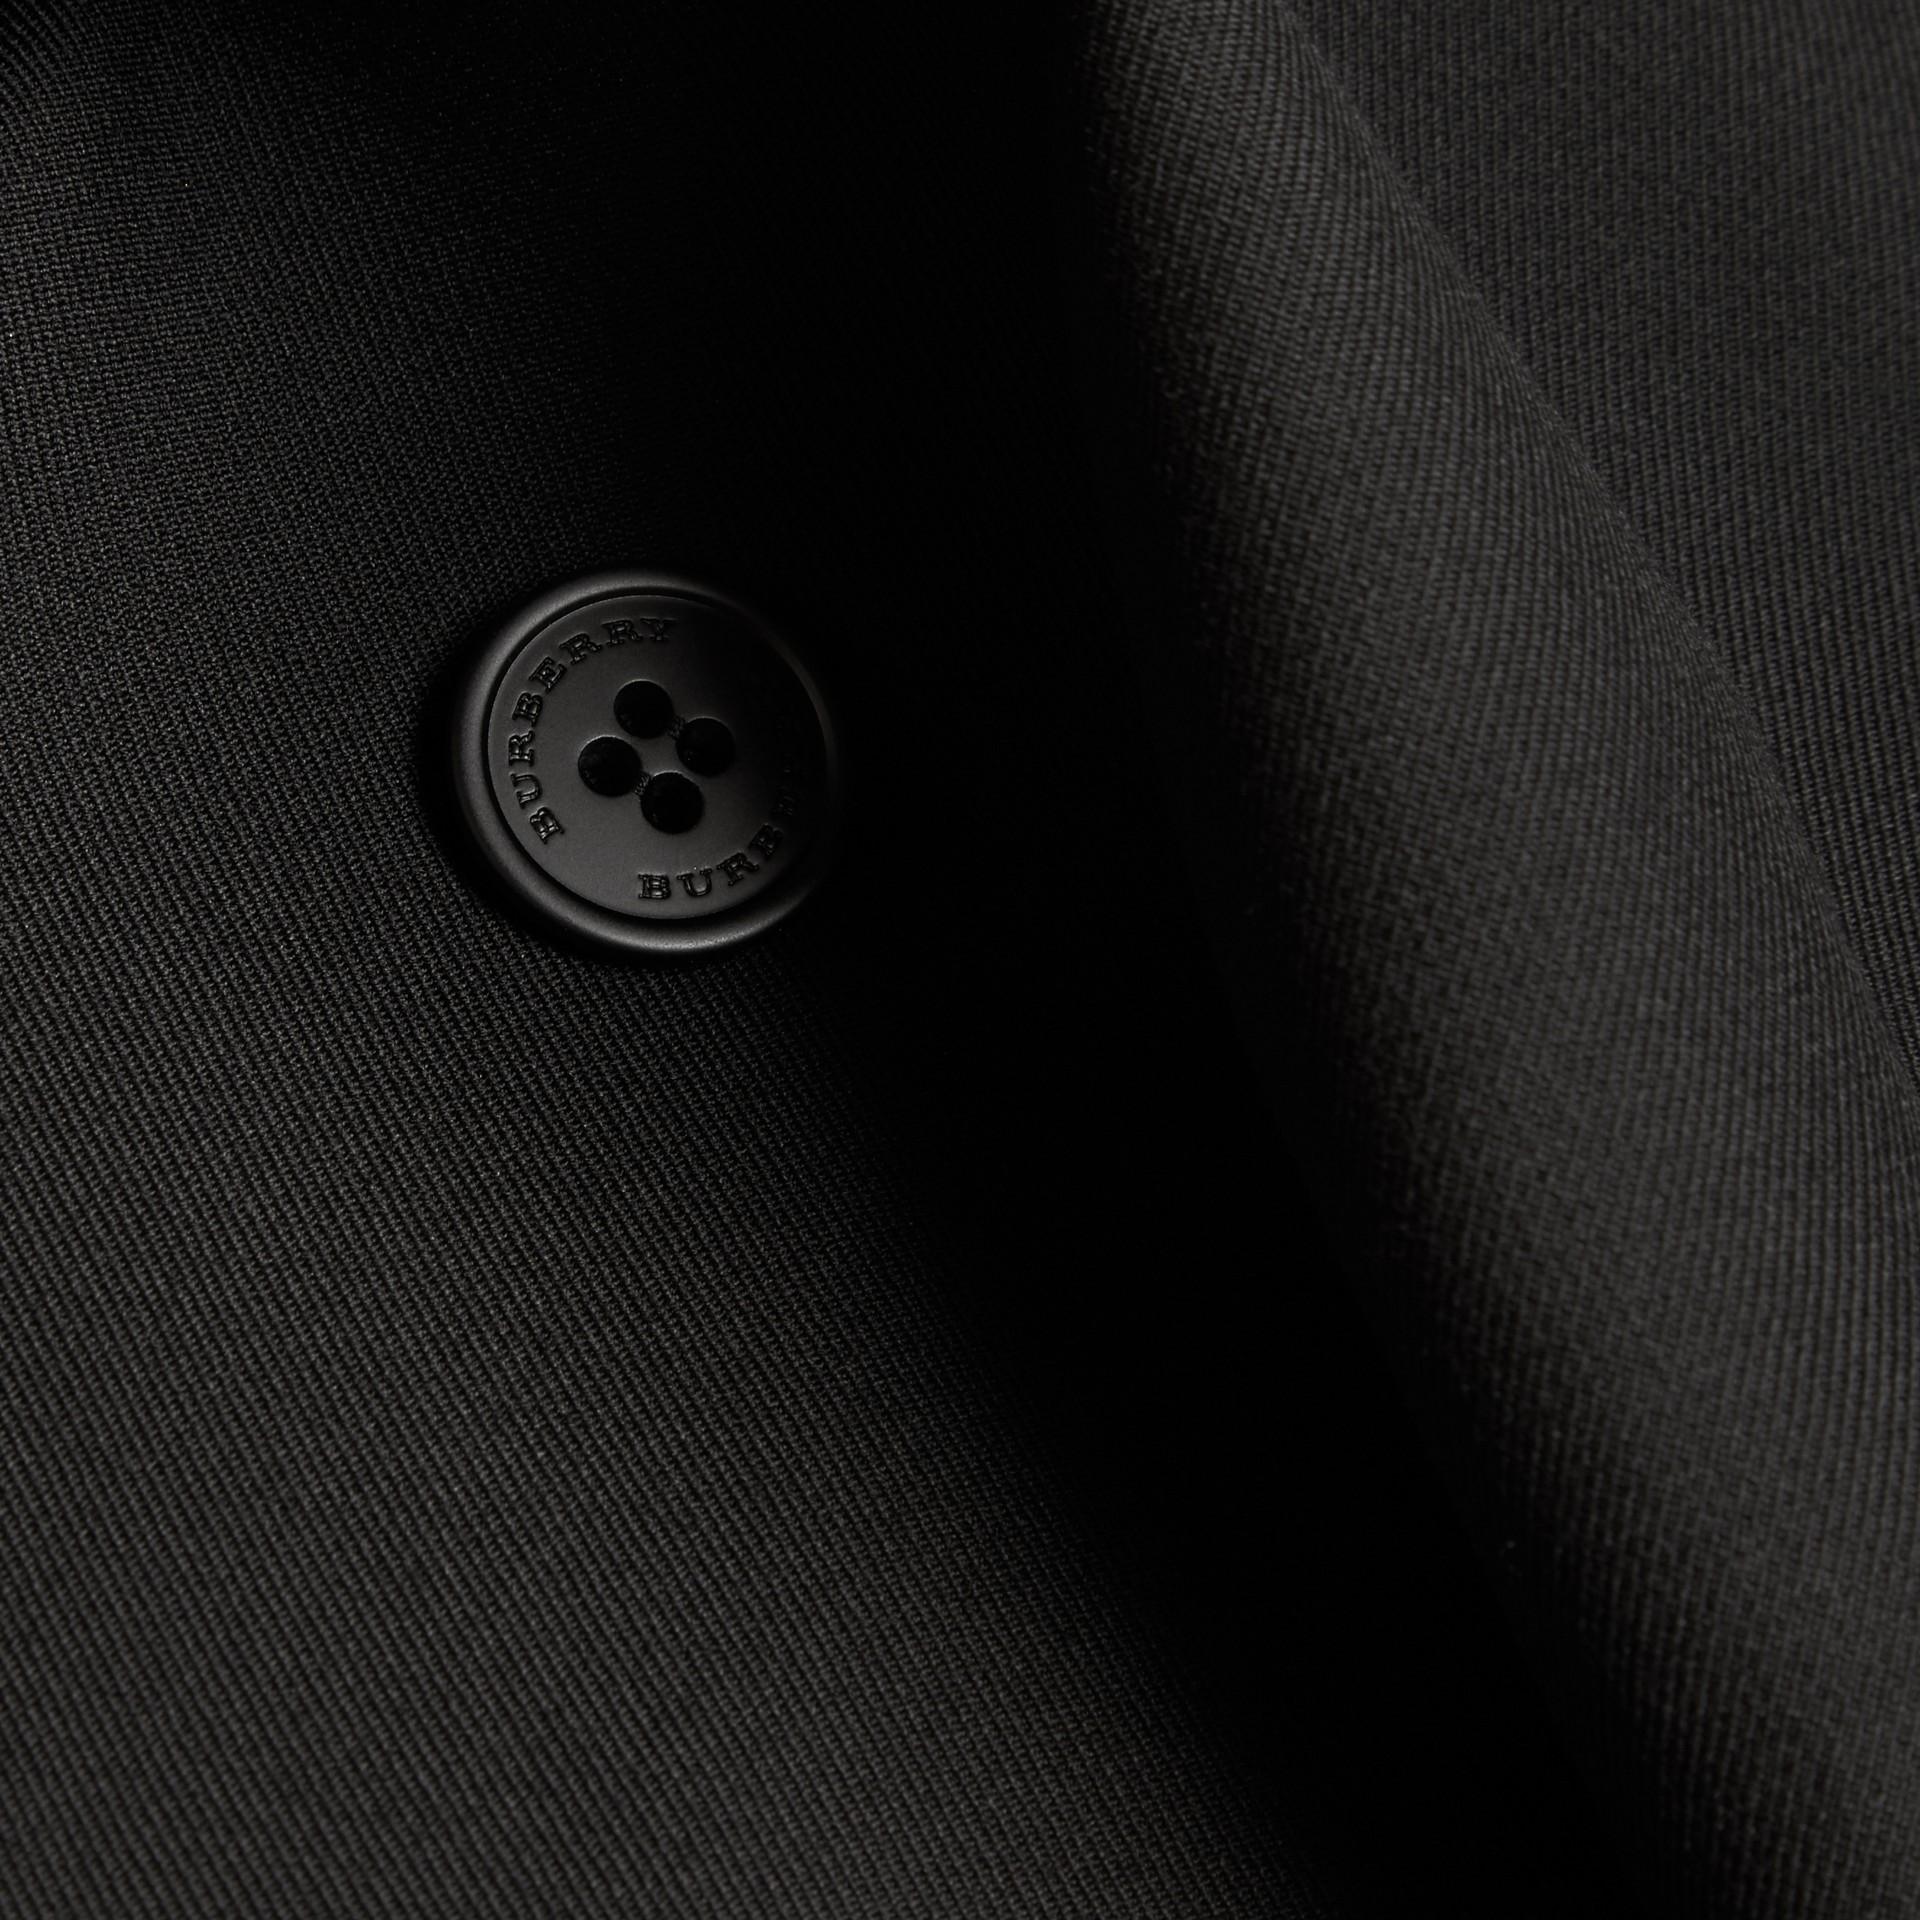 Nero Trench coat in twill di lana dal taglio comodo - immagine della galleria 2